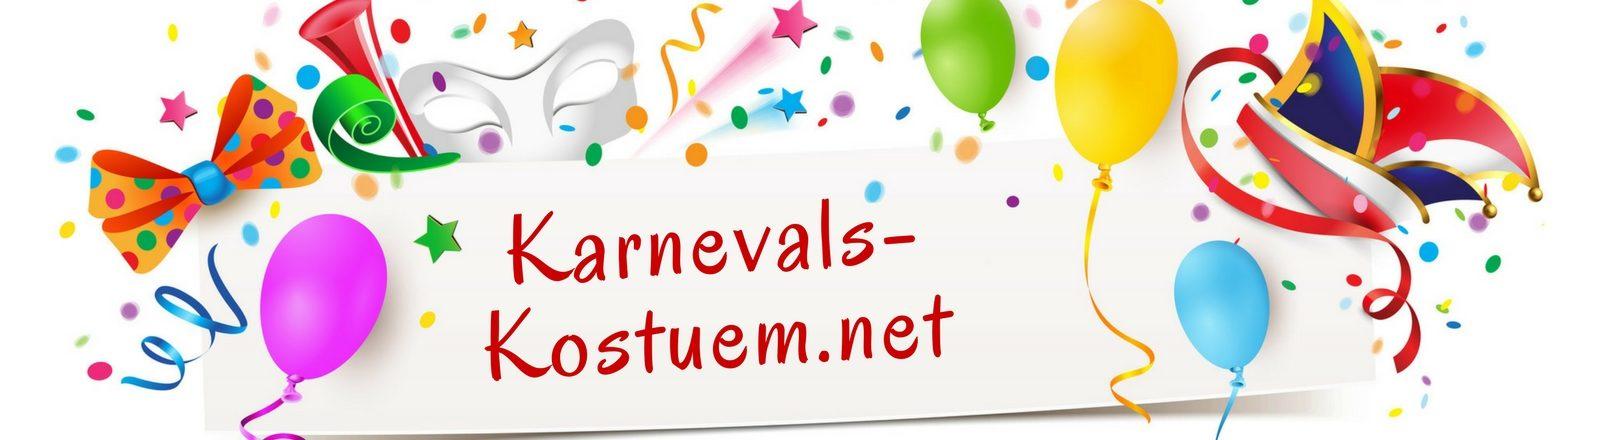 Karnevals-Kostuem.net